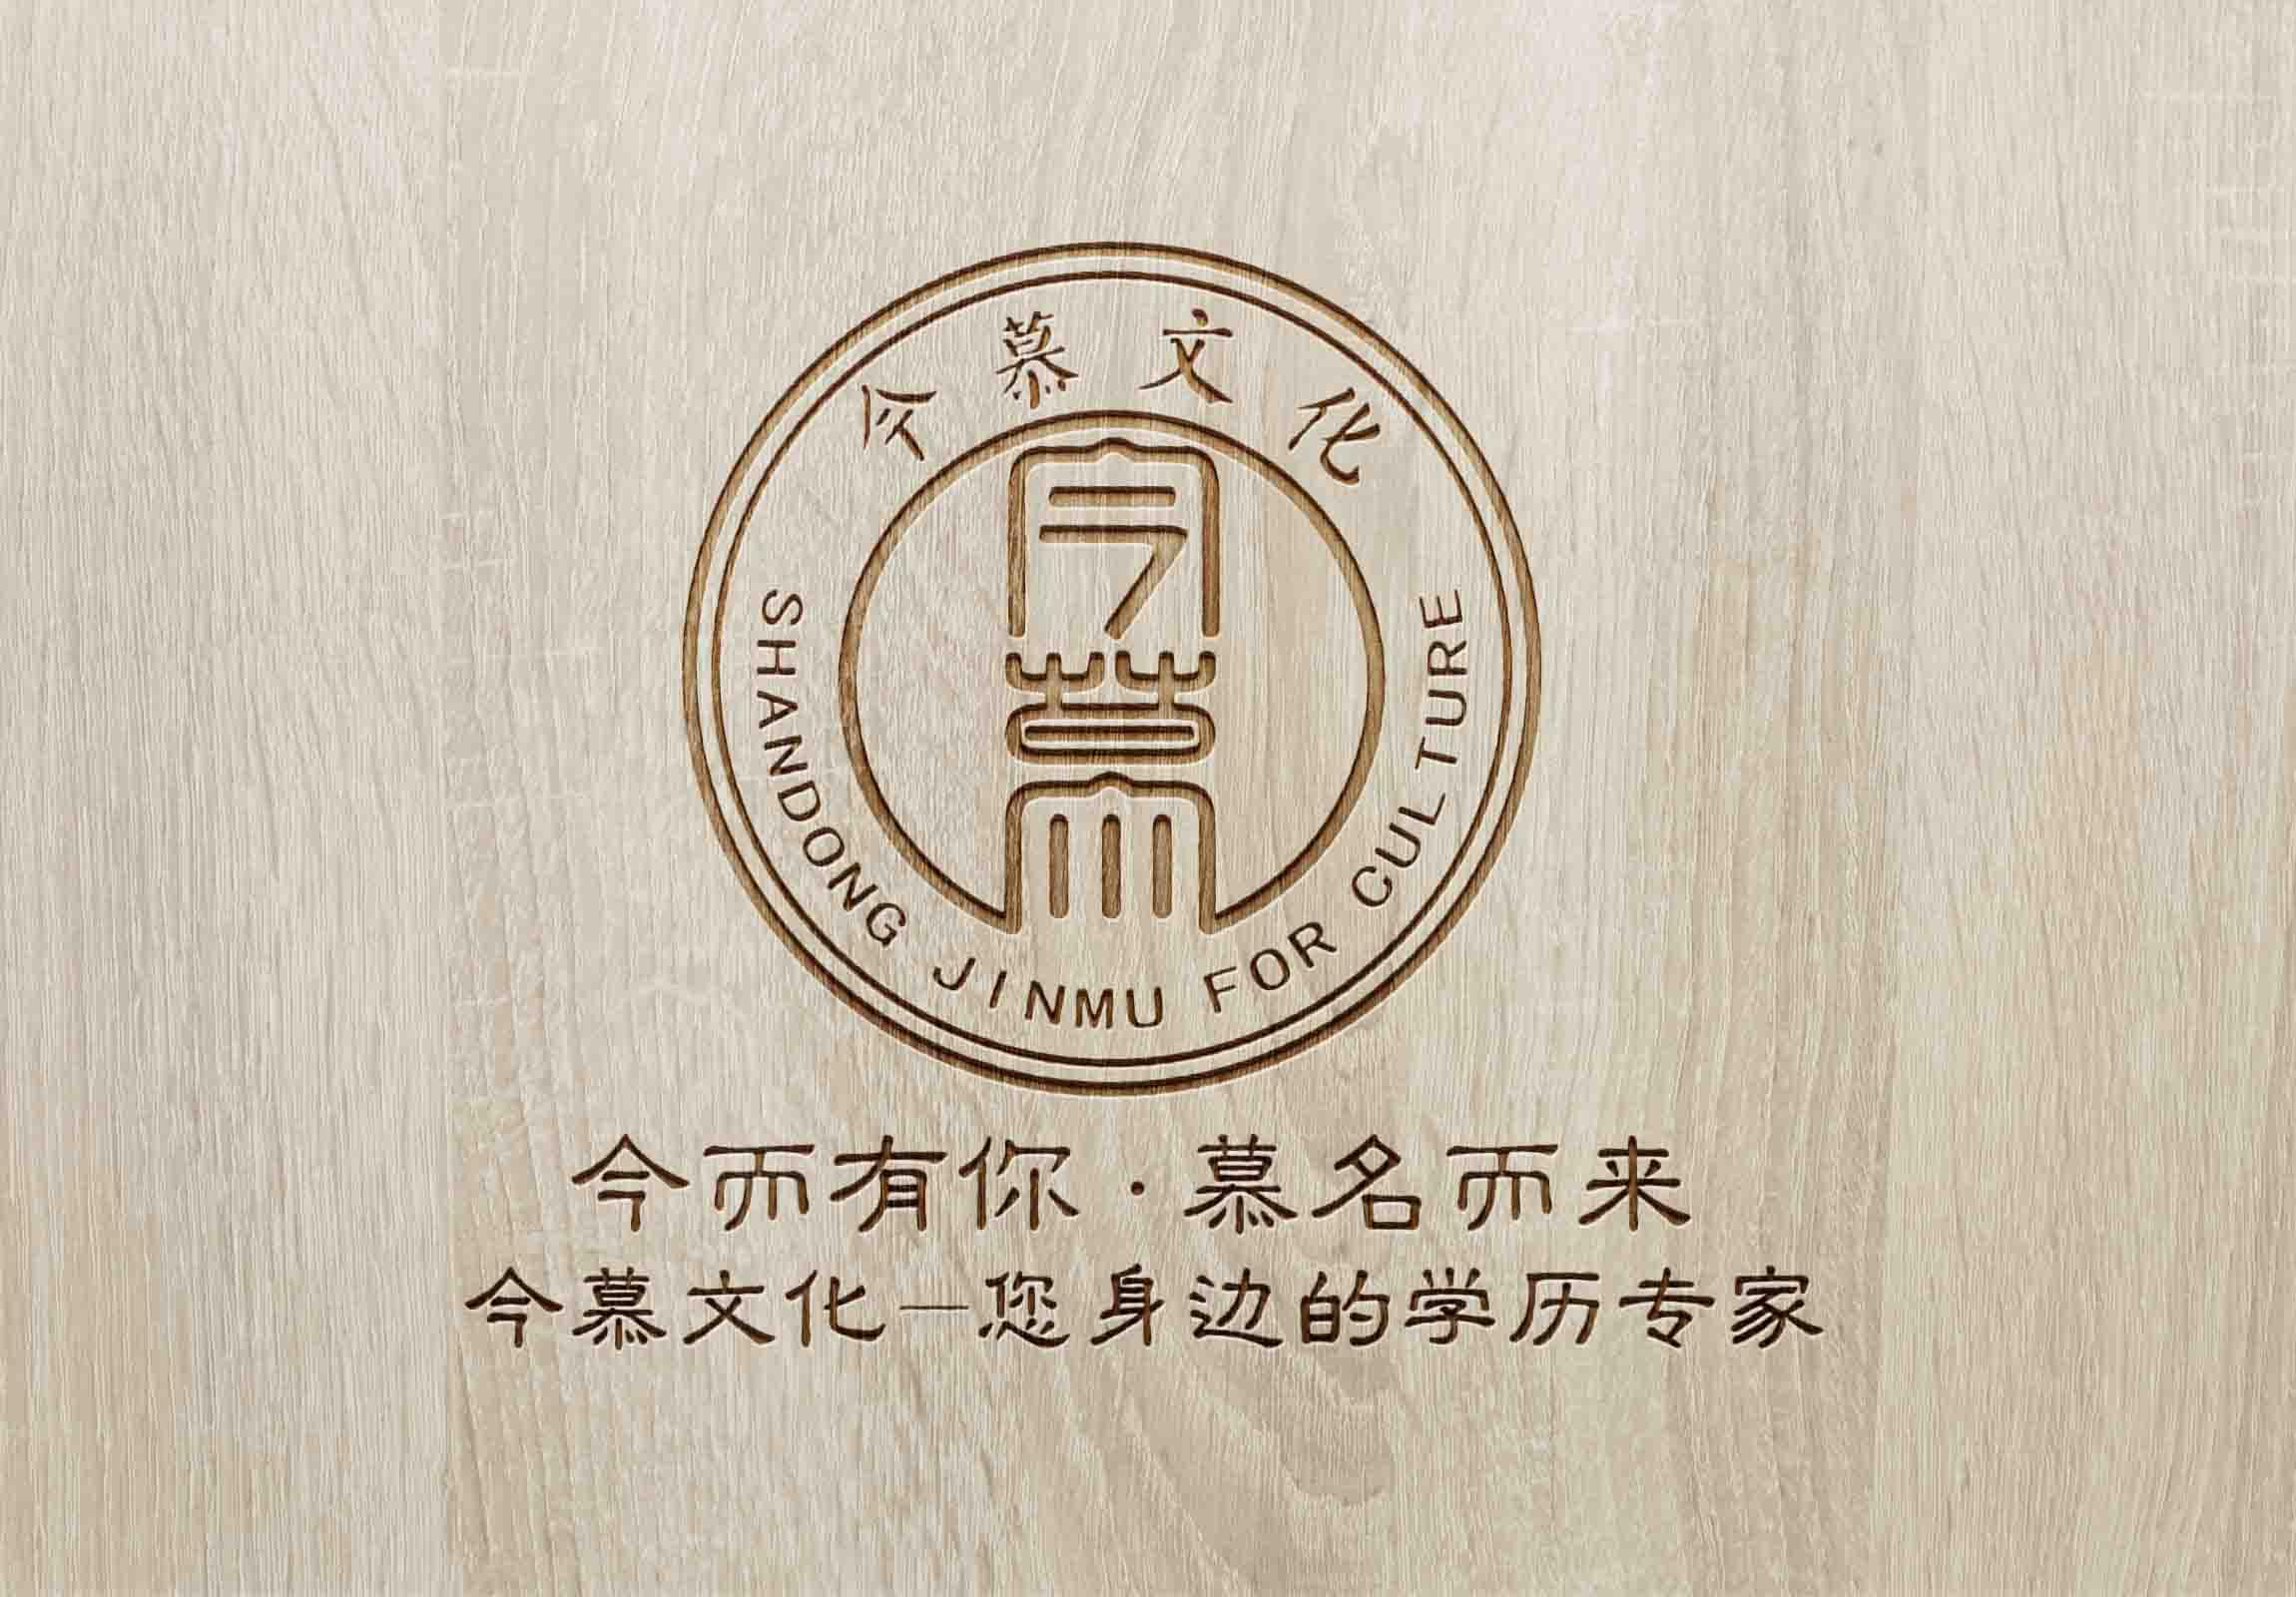 青州专科本科学历